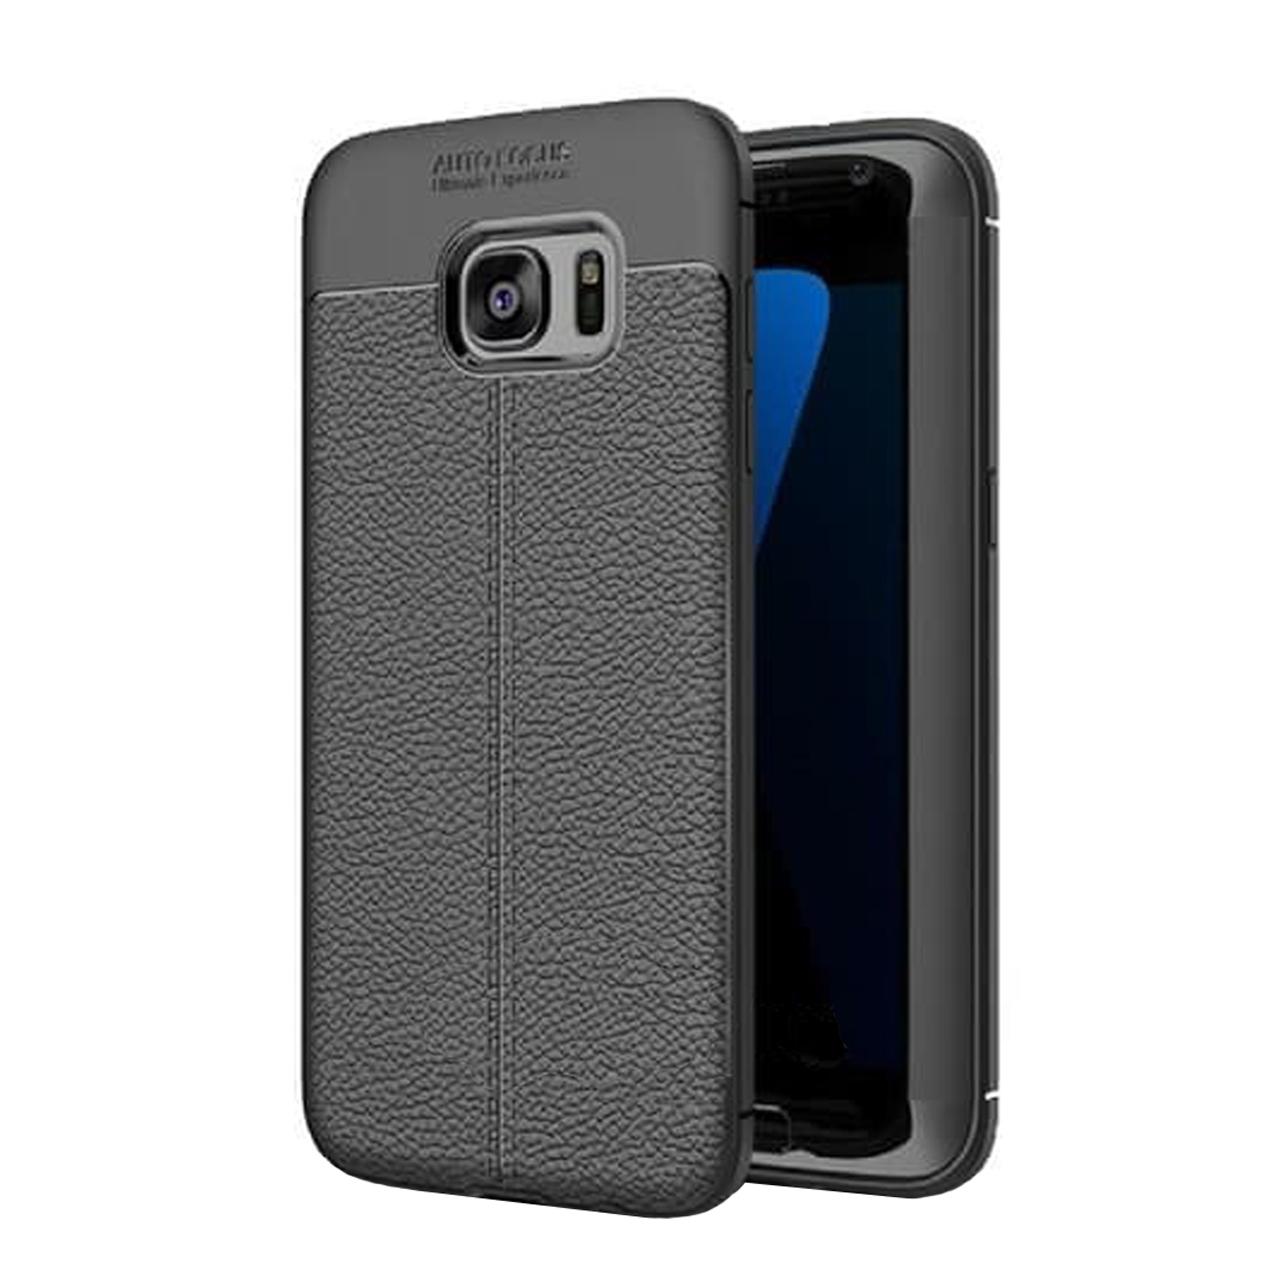 کاور مورفی مدل Auto7 مناسب برای گوشی موبایل سامسونگ Galaxy S7 Edge